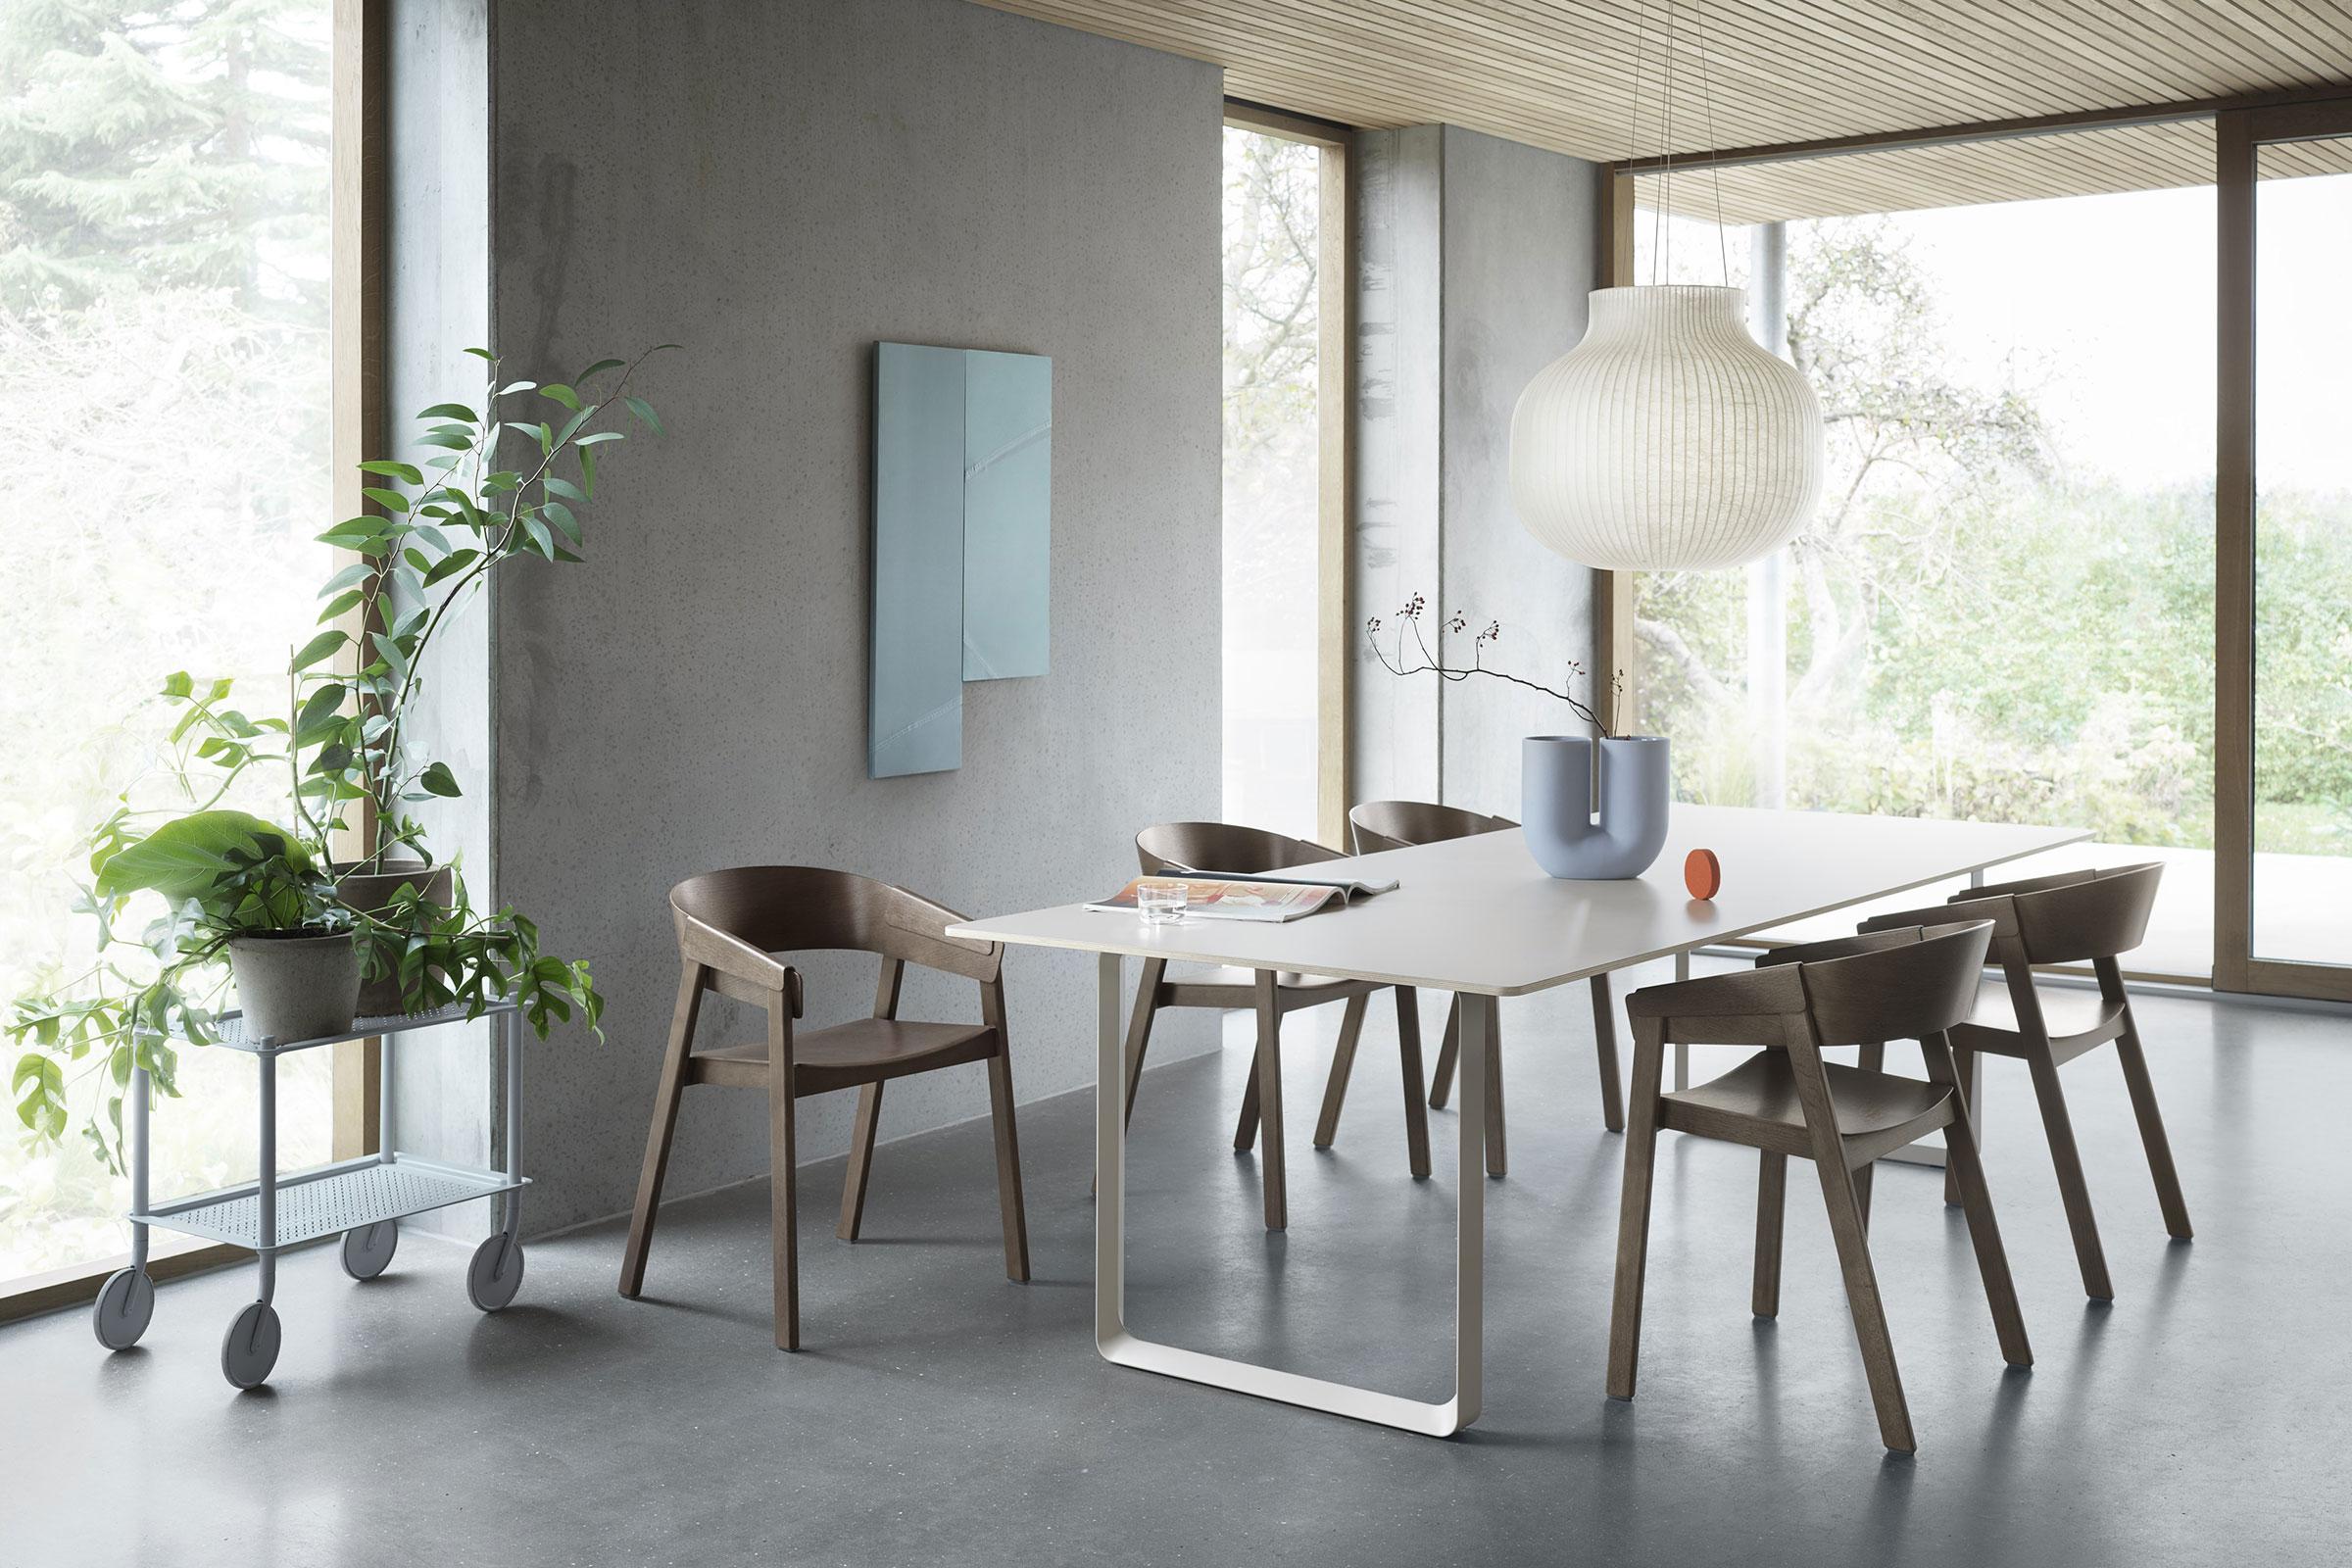 Muuto - Best Scandinavian Design Furniture and Homewares Brands